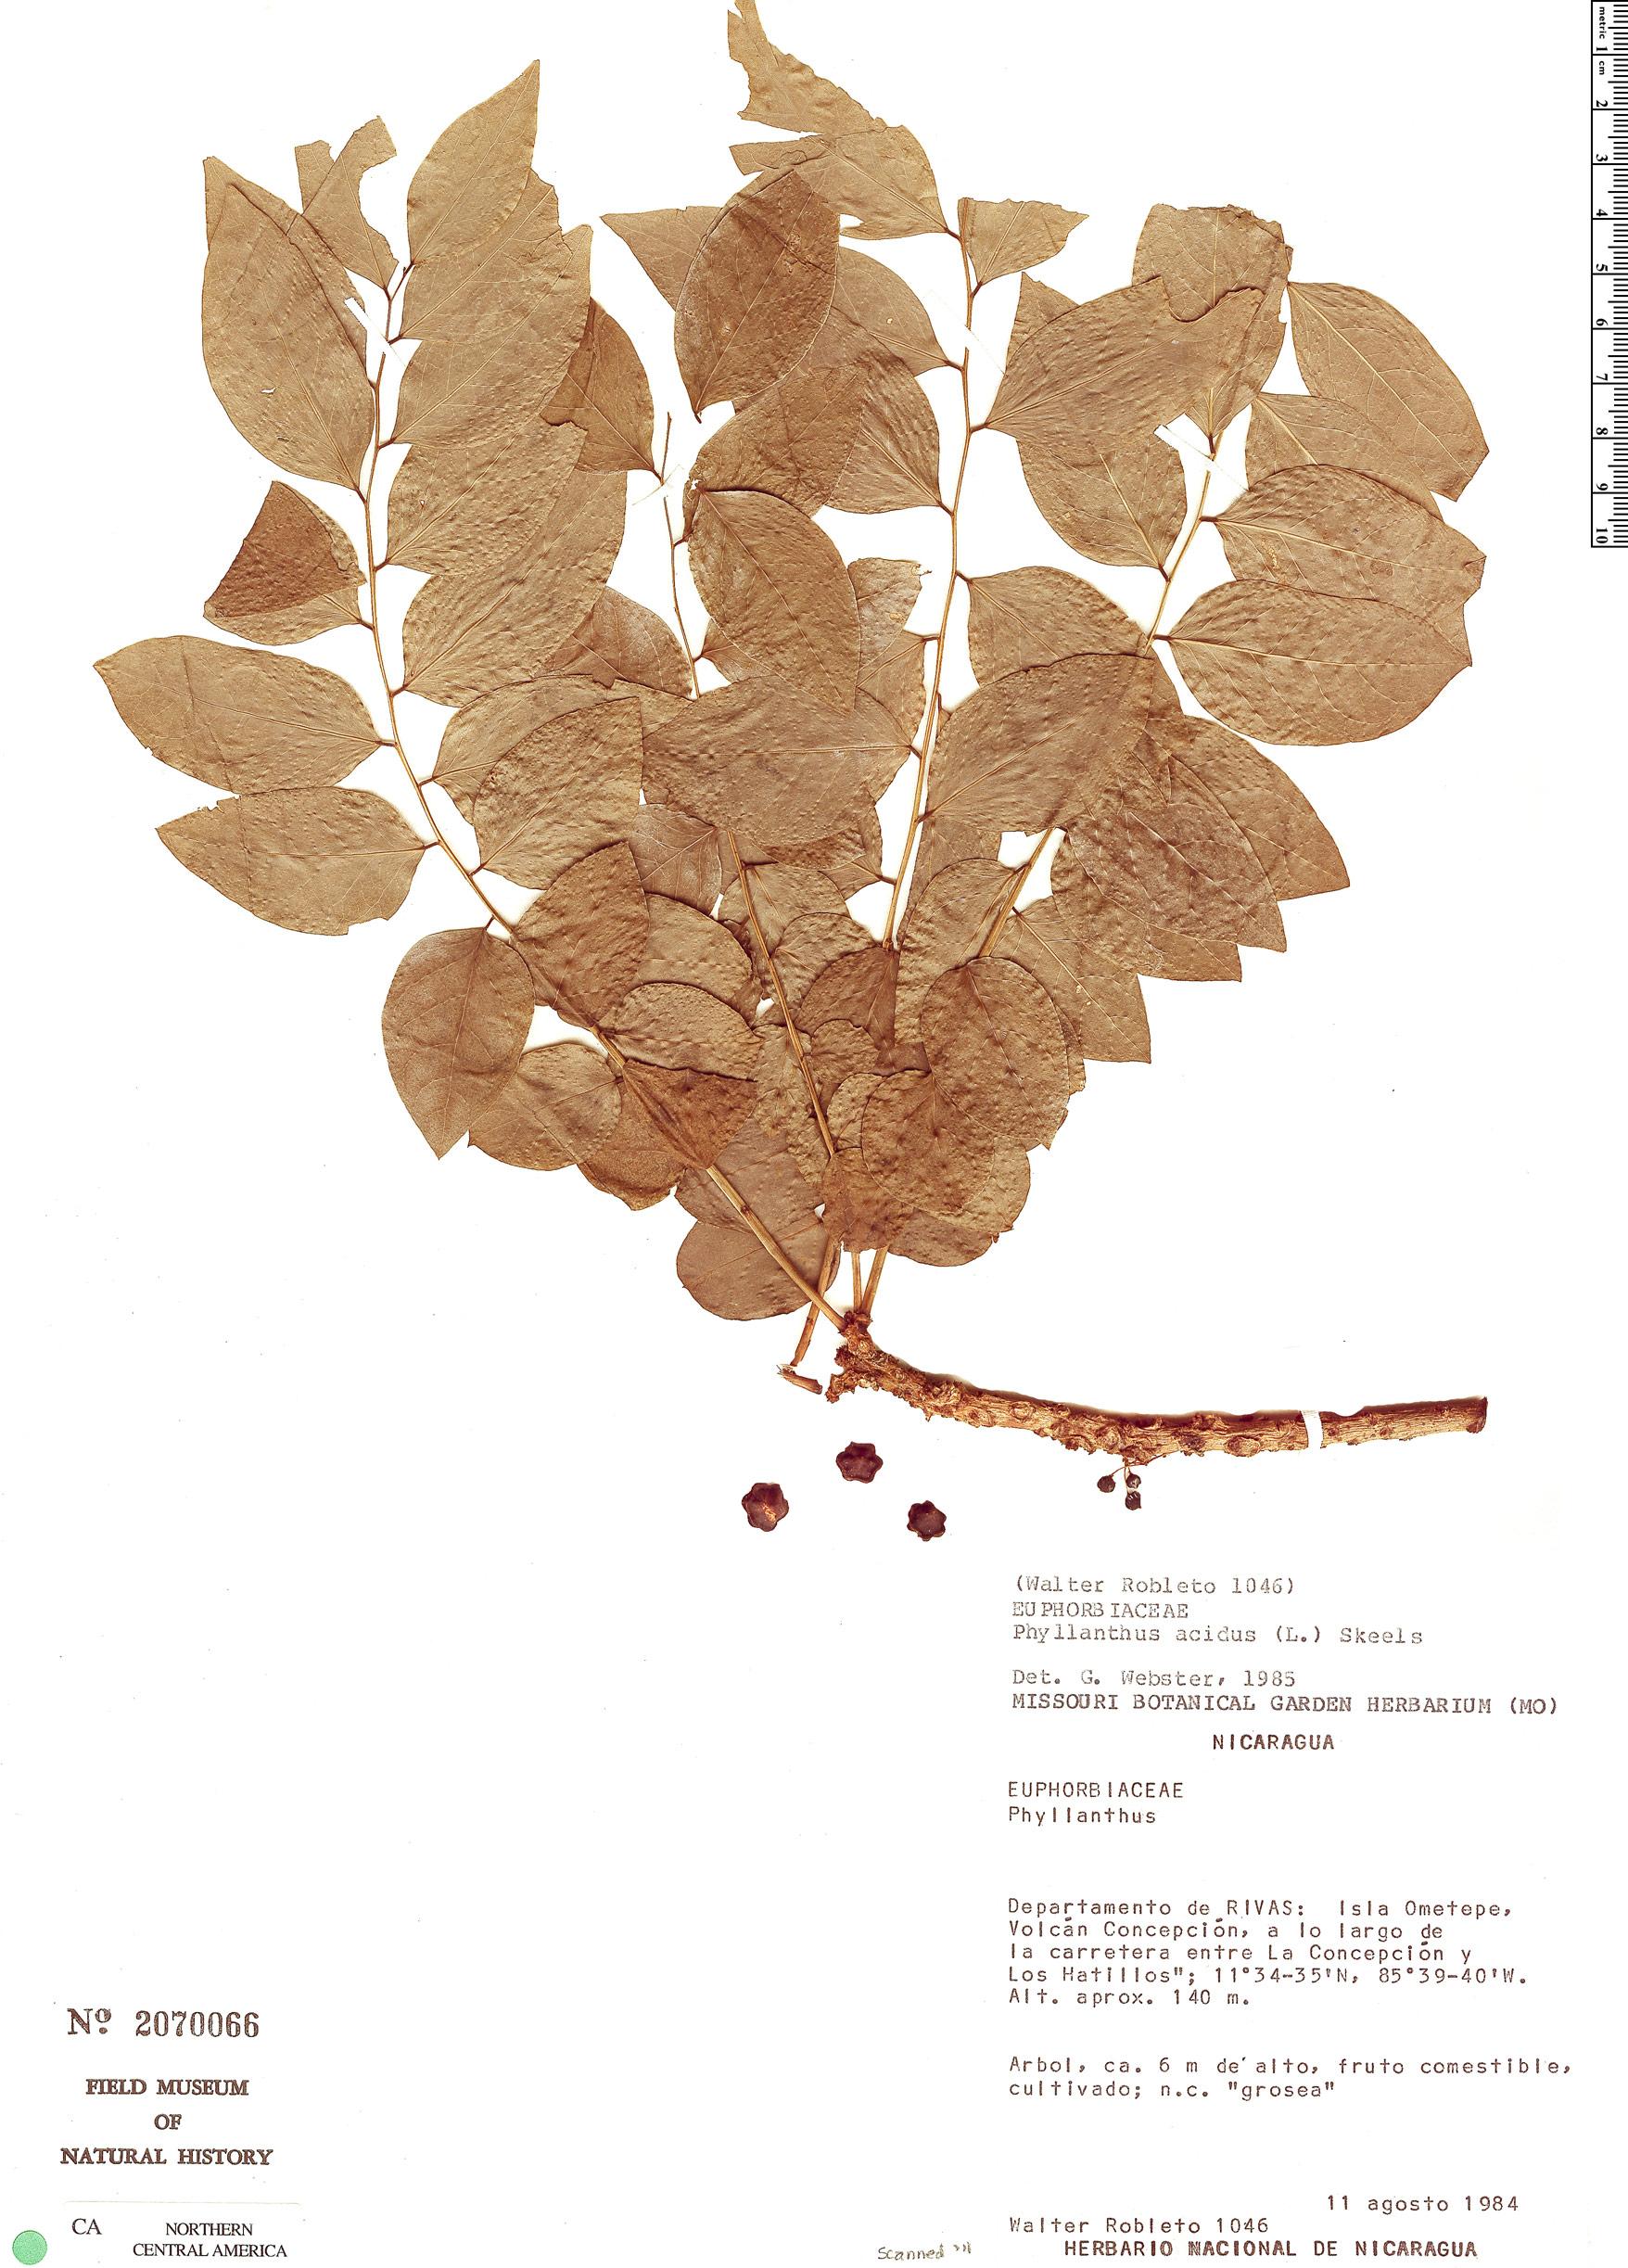 Specimen: Phyllanthus acidus